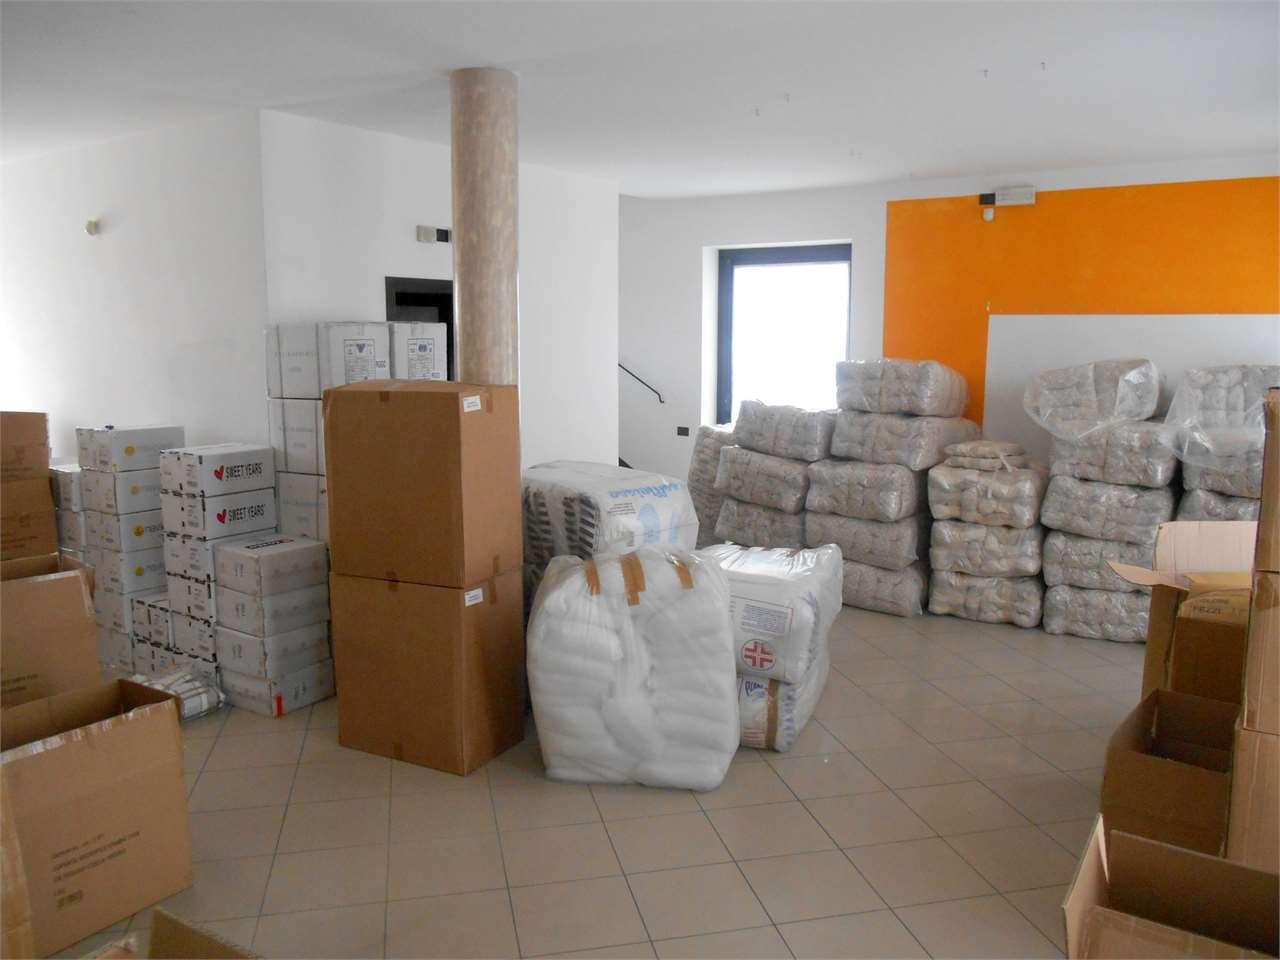 Negozio / Locale in affitto a Capannori, 6 locali, zona Zona: Lunata, prezzo € 2.500 | Cambio Casa.it